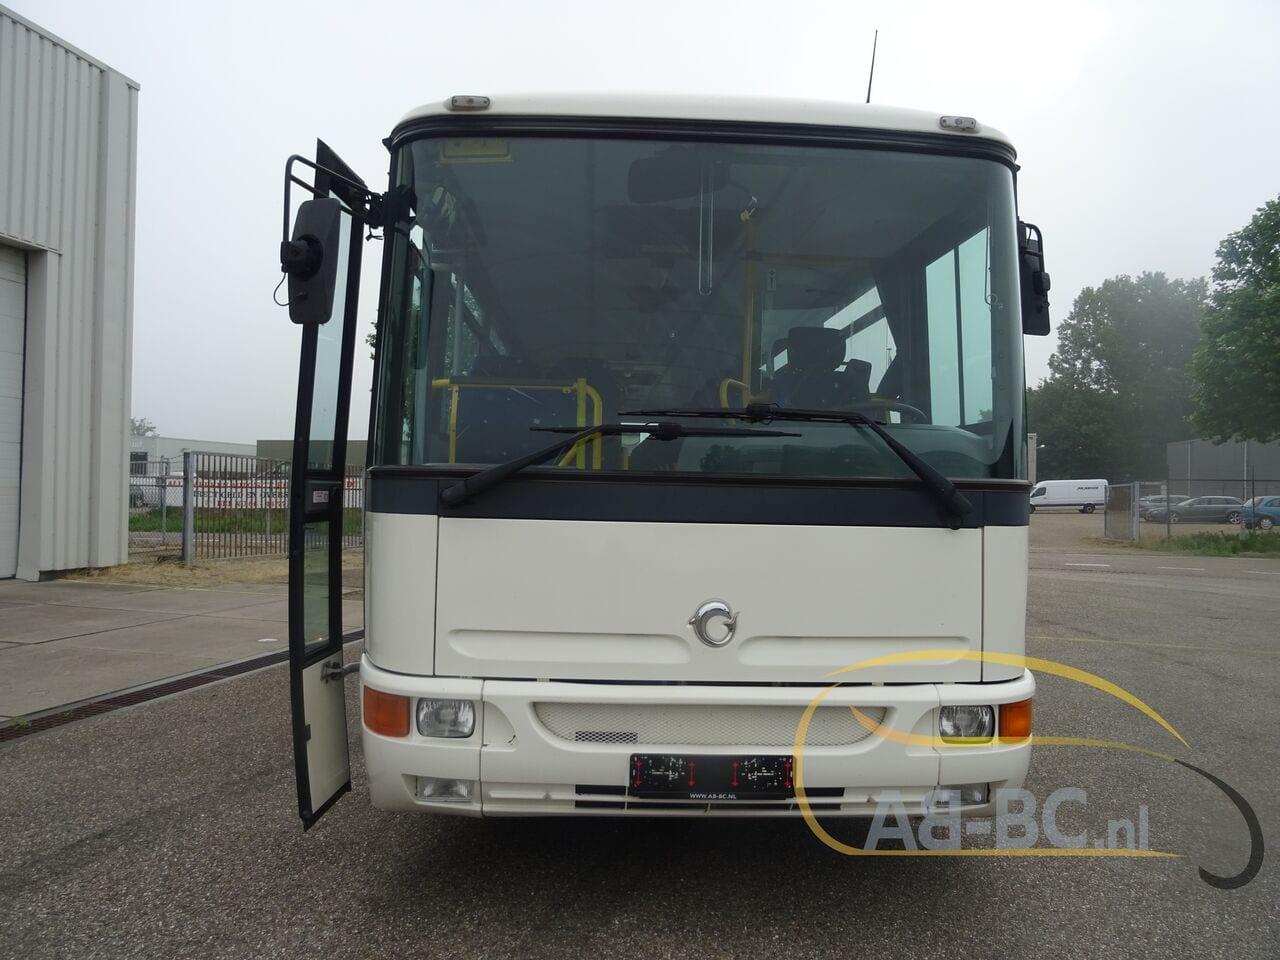 interurban-busIVECO-Irisbus-Recreo-64-Seats---1626159874592954216_big_0f127f4a3aaf0634acfc57deb9e6d93a--21071309575983154500